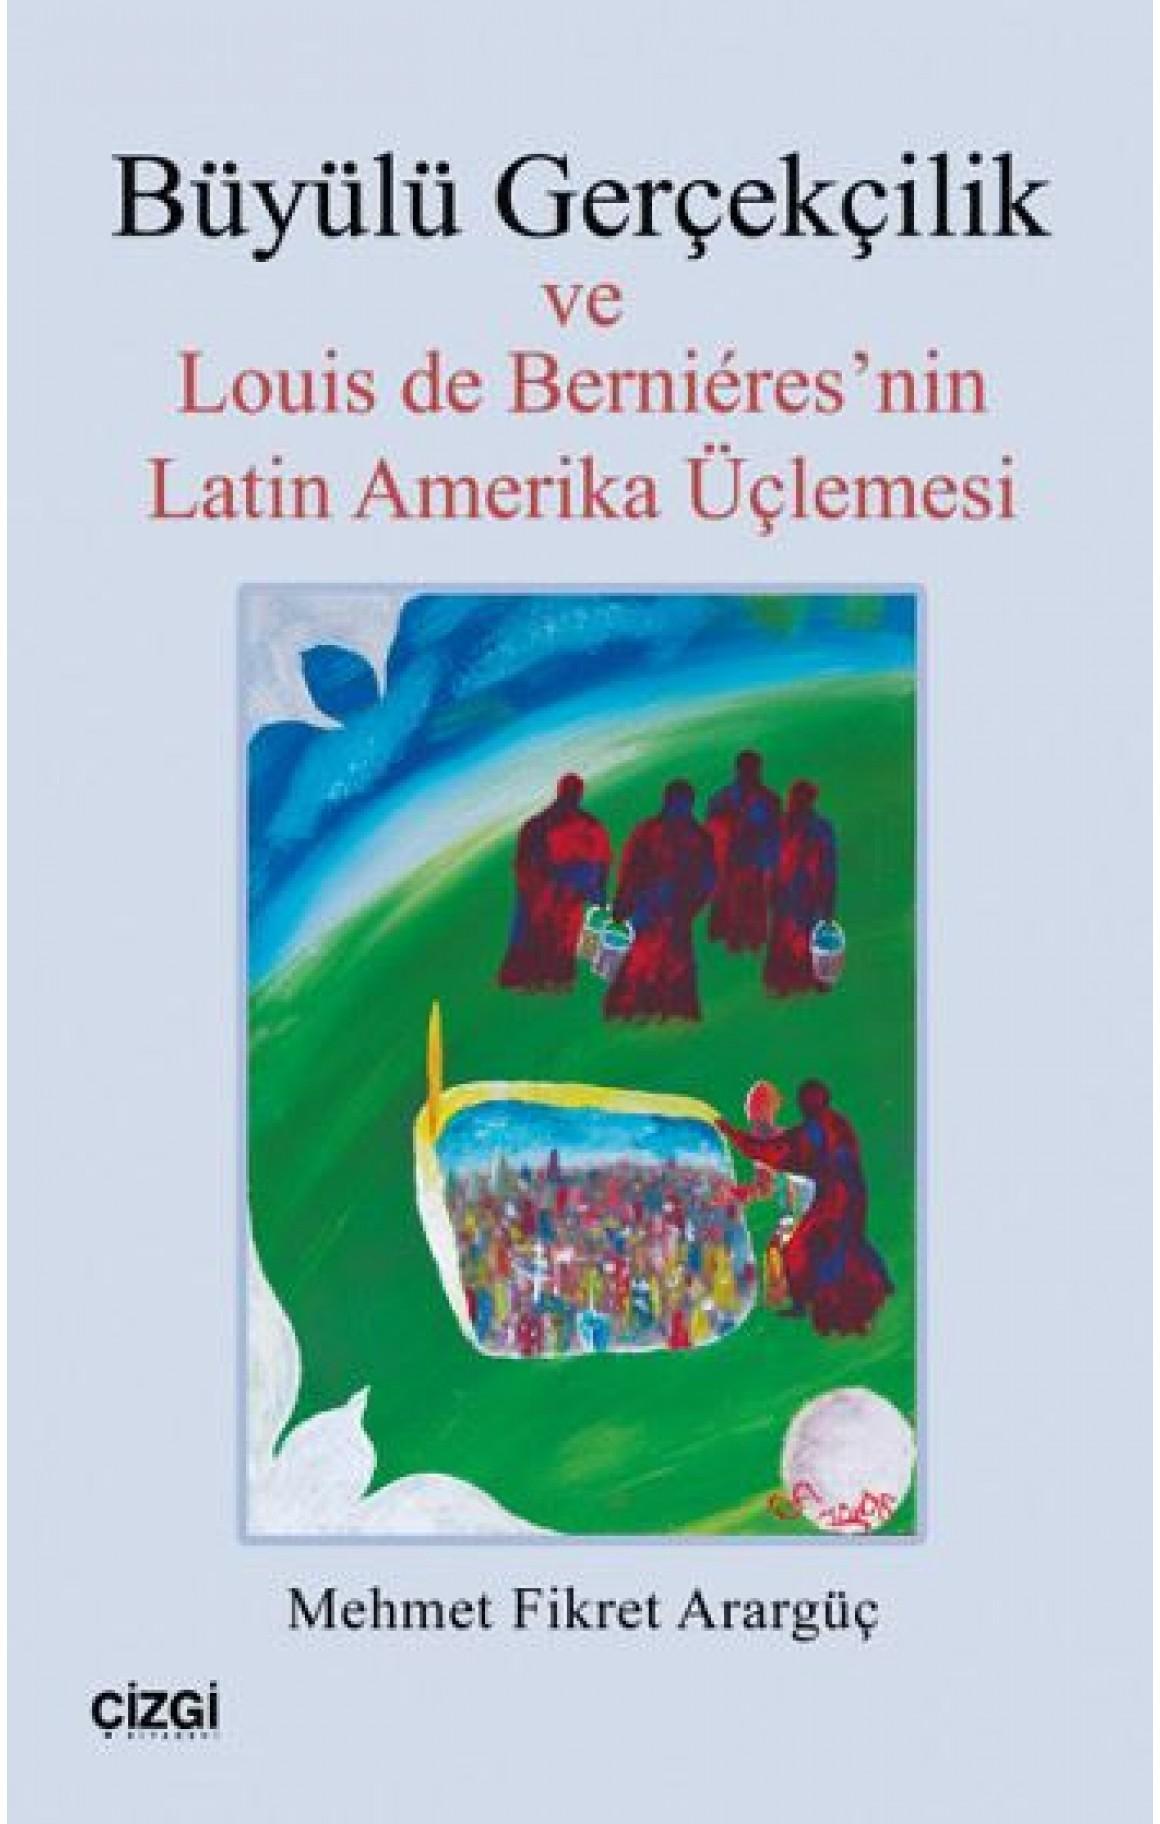 Büyülü Gerçekçilik ve Louis de Bernieresnin Latin Amerika Üçlemesi